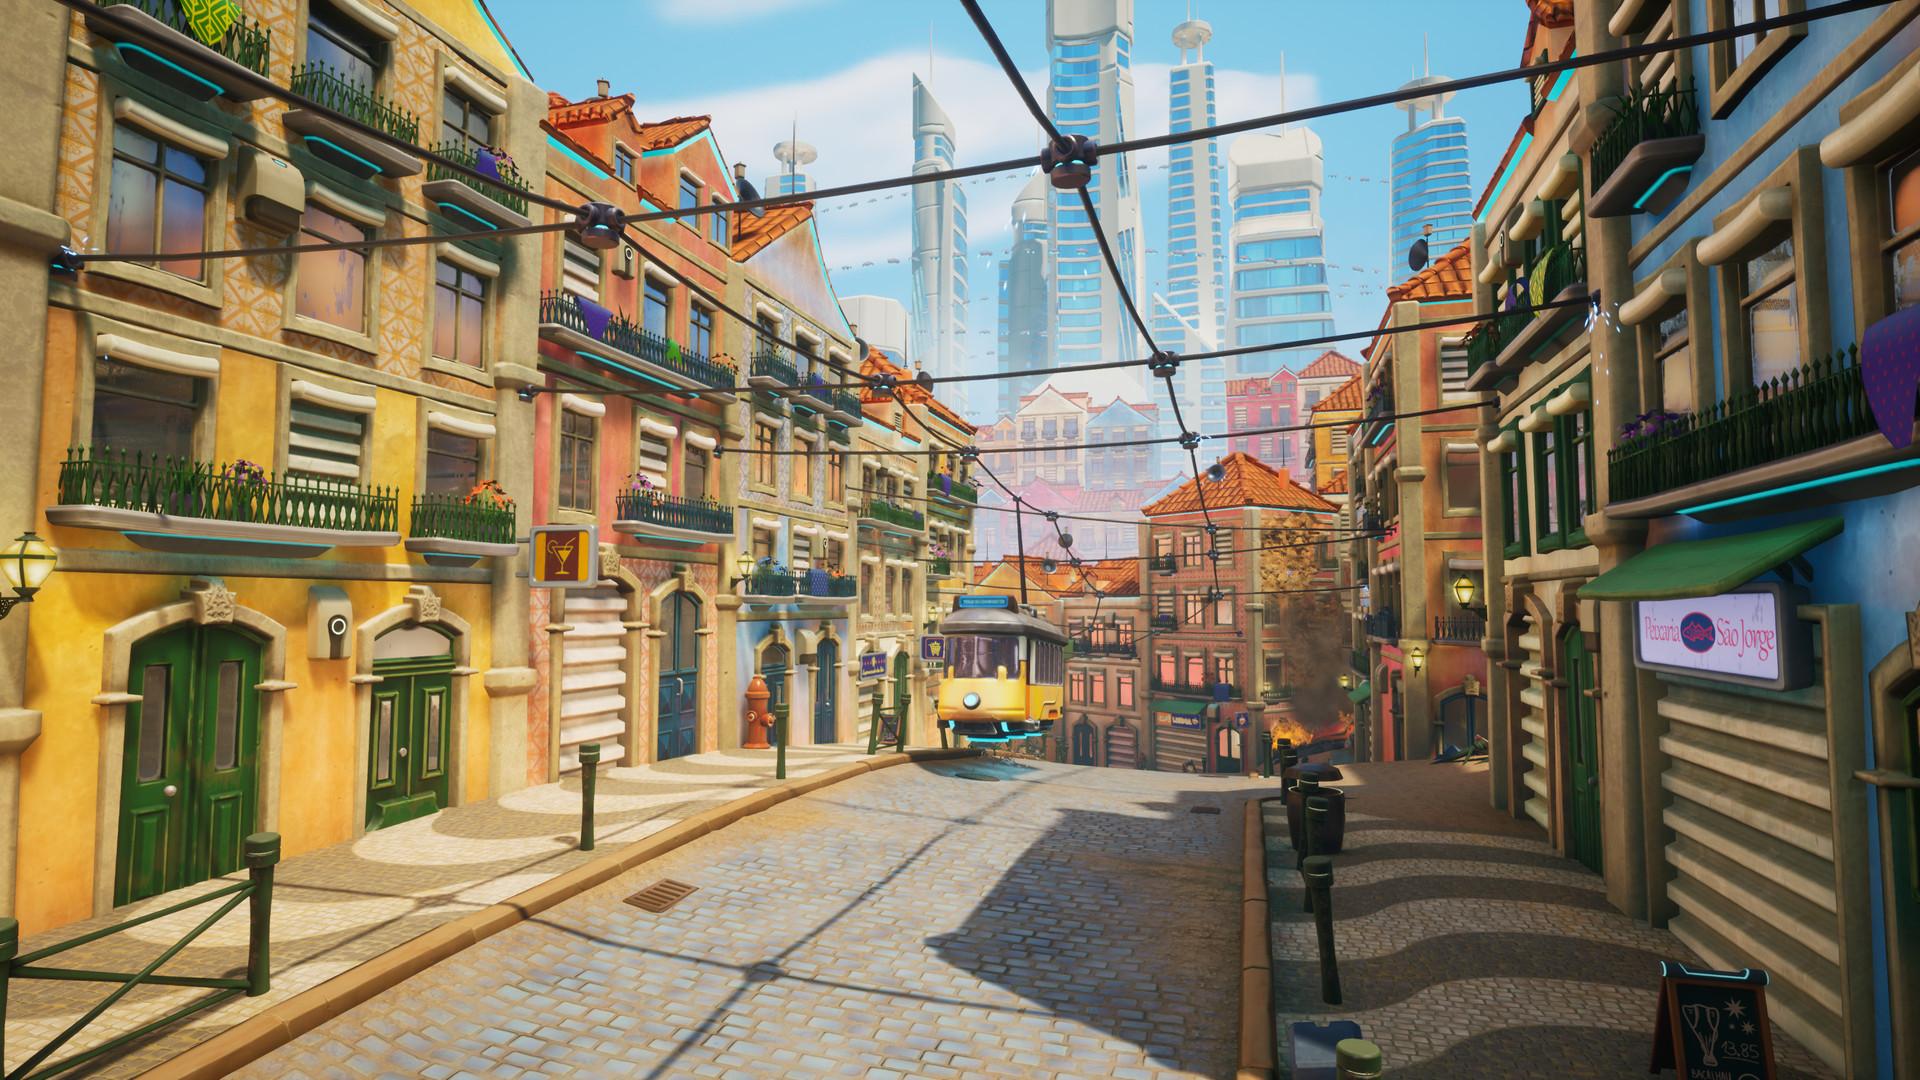 Georg Klein - Lisbon Streets - Overwatch